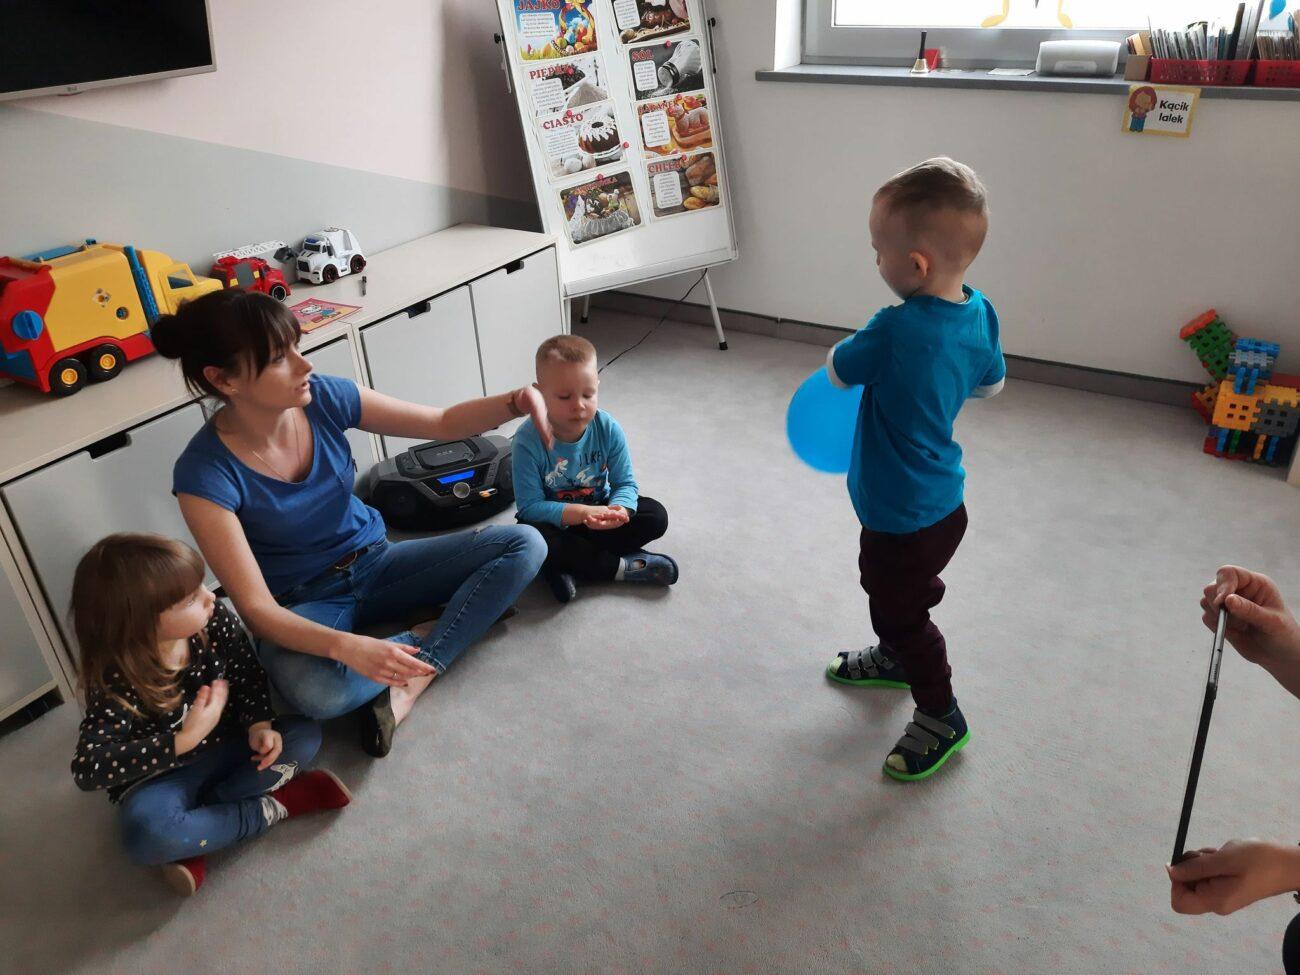 Dzieci łączą się zdalnie z przedszkolem